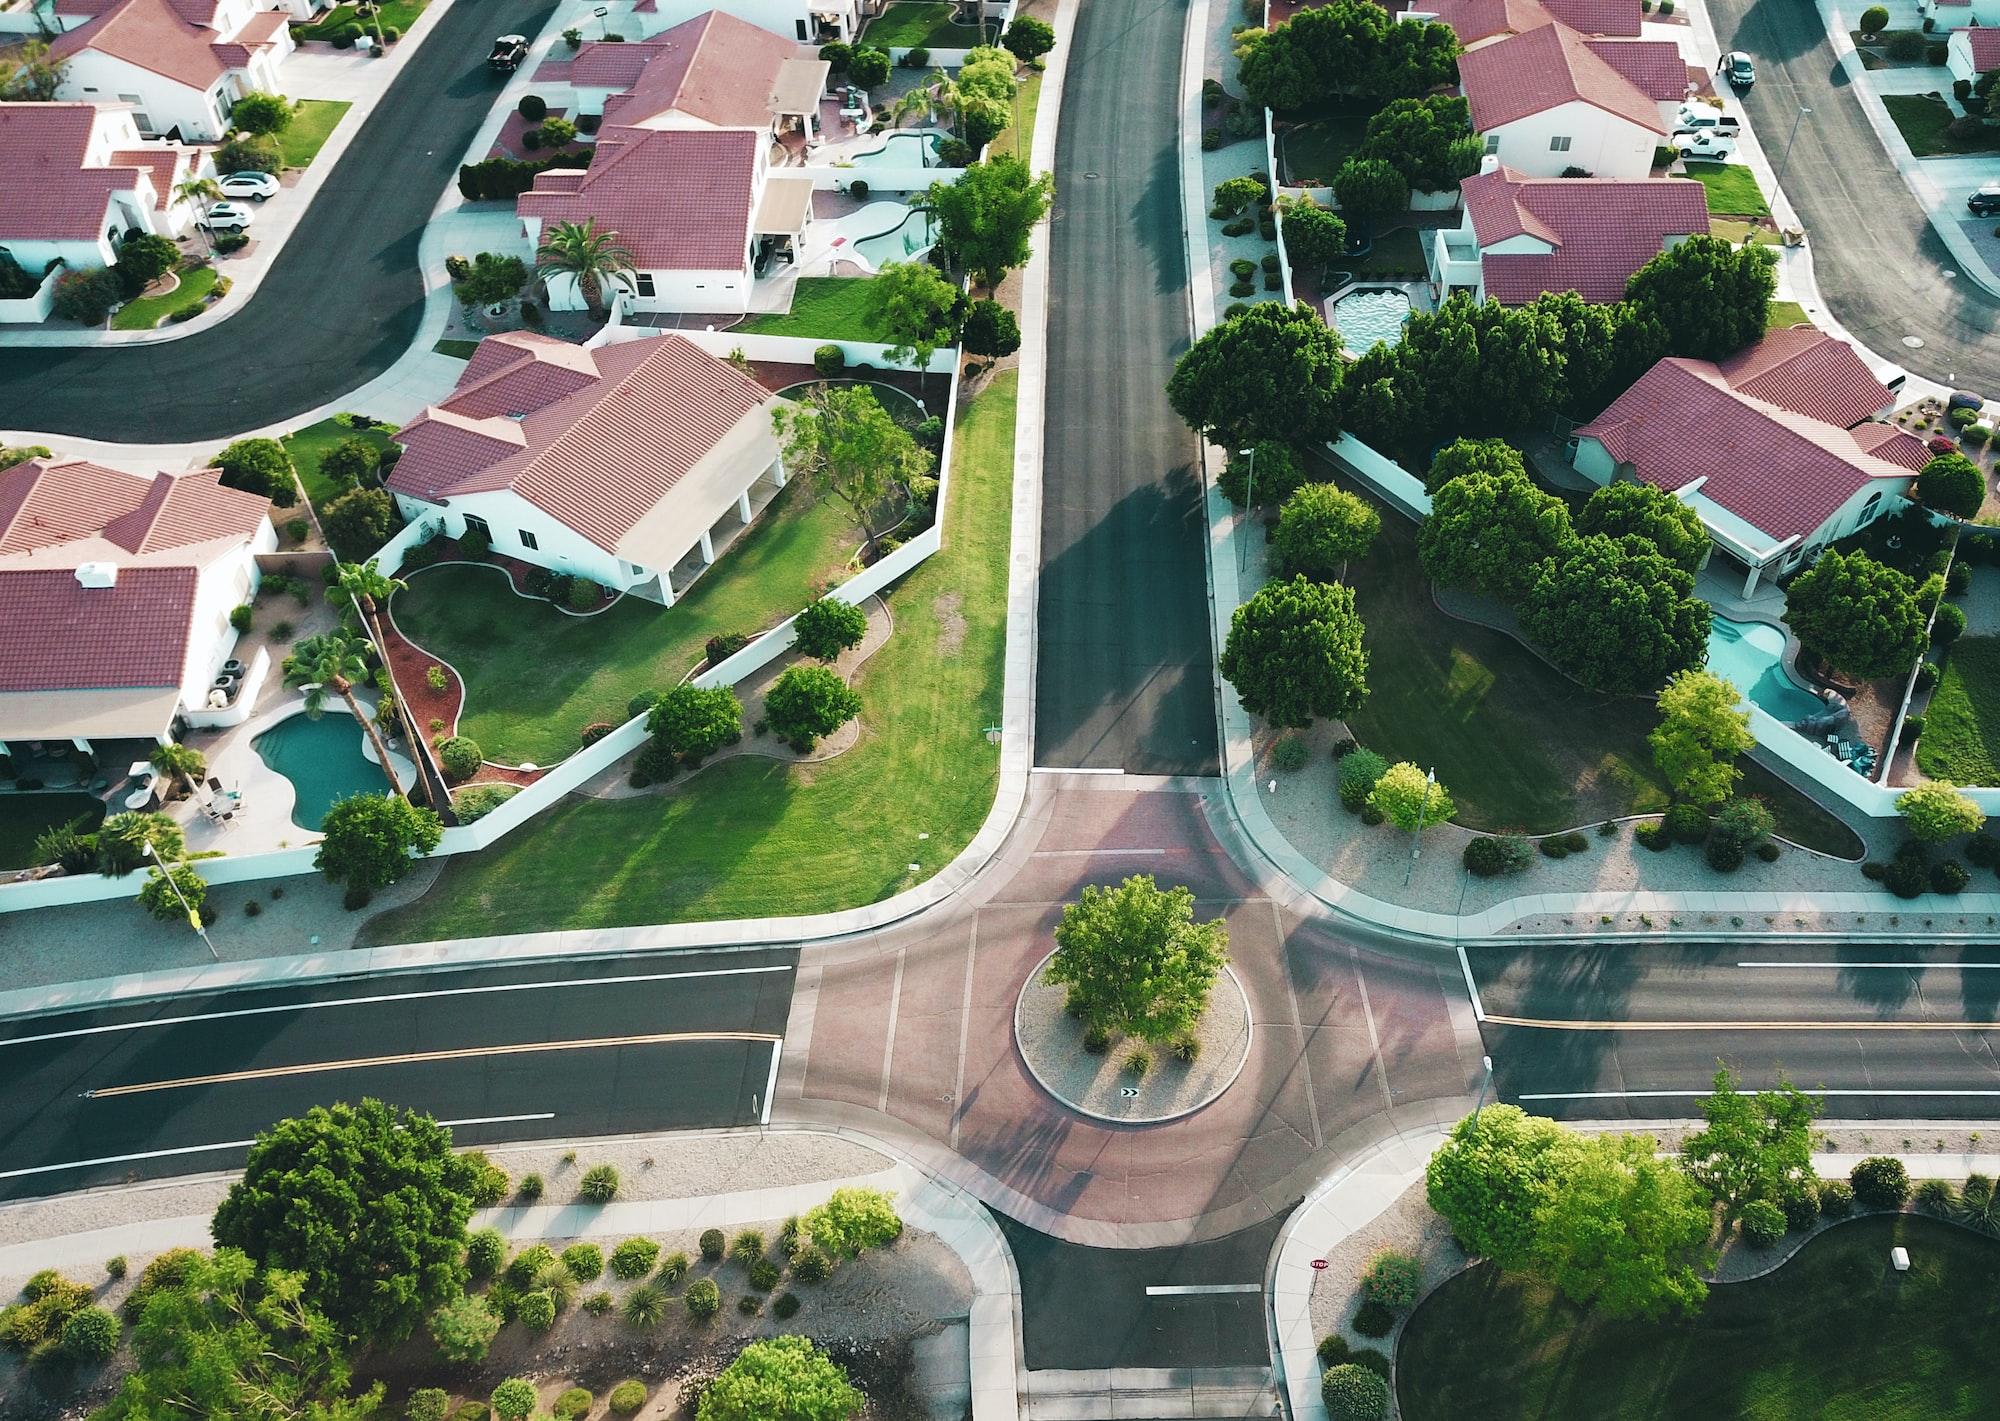 O número de pessoas investindo em fundos imobiliários está em franco crescimento. Photo by Avi Waxman / Unsplash